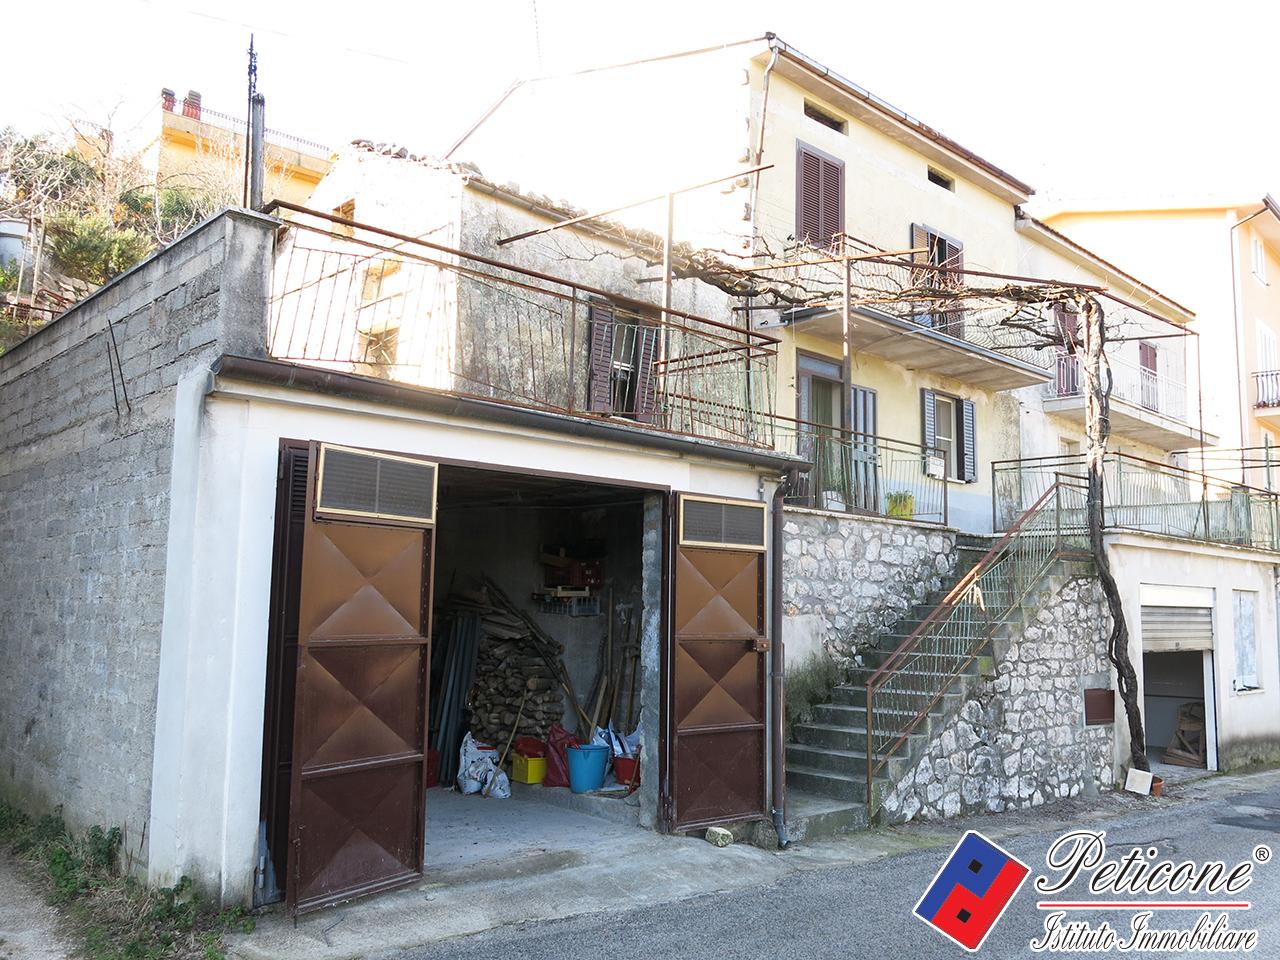 Appartamento in vendita a Lenola, 5 locali, zona Località: Centro, prezzo € 120.000 | PortaleAgenzieImmobiliari.it